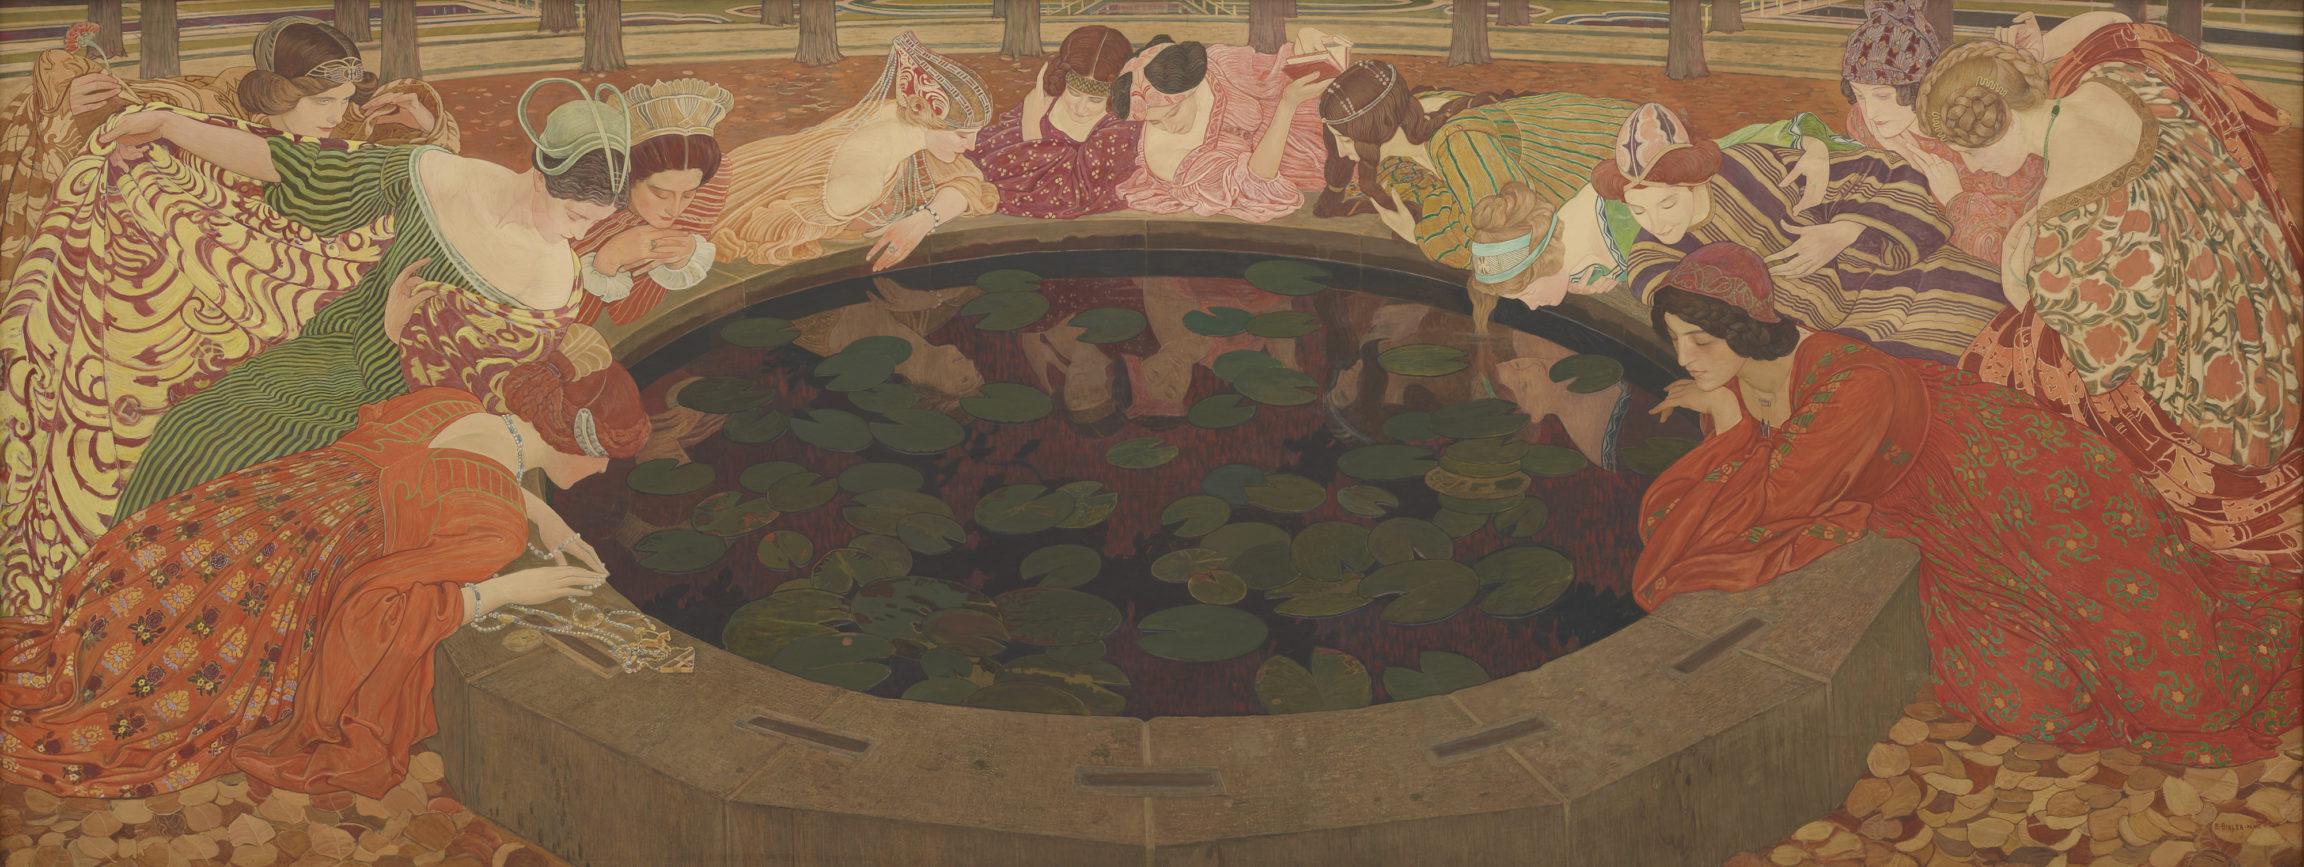 Ernest Biéler, L'eau mystérieuse, 1911